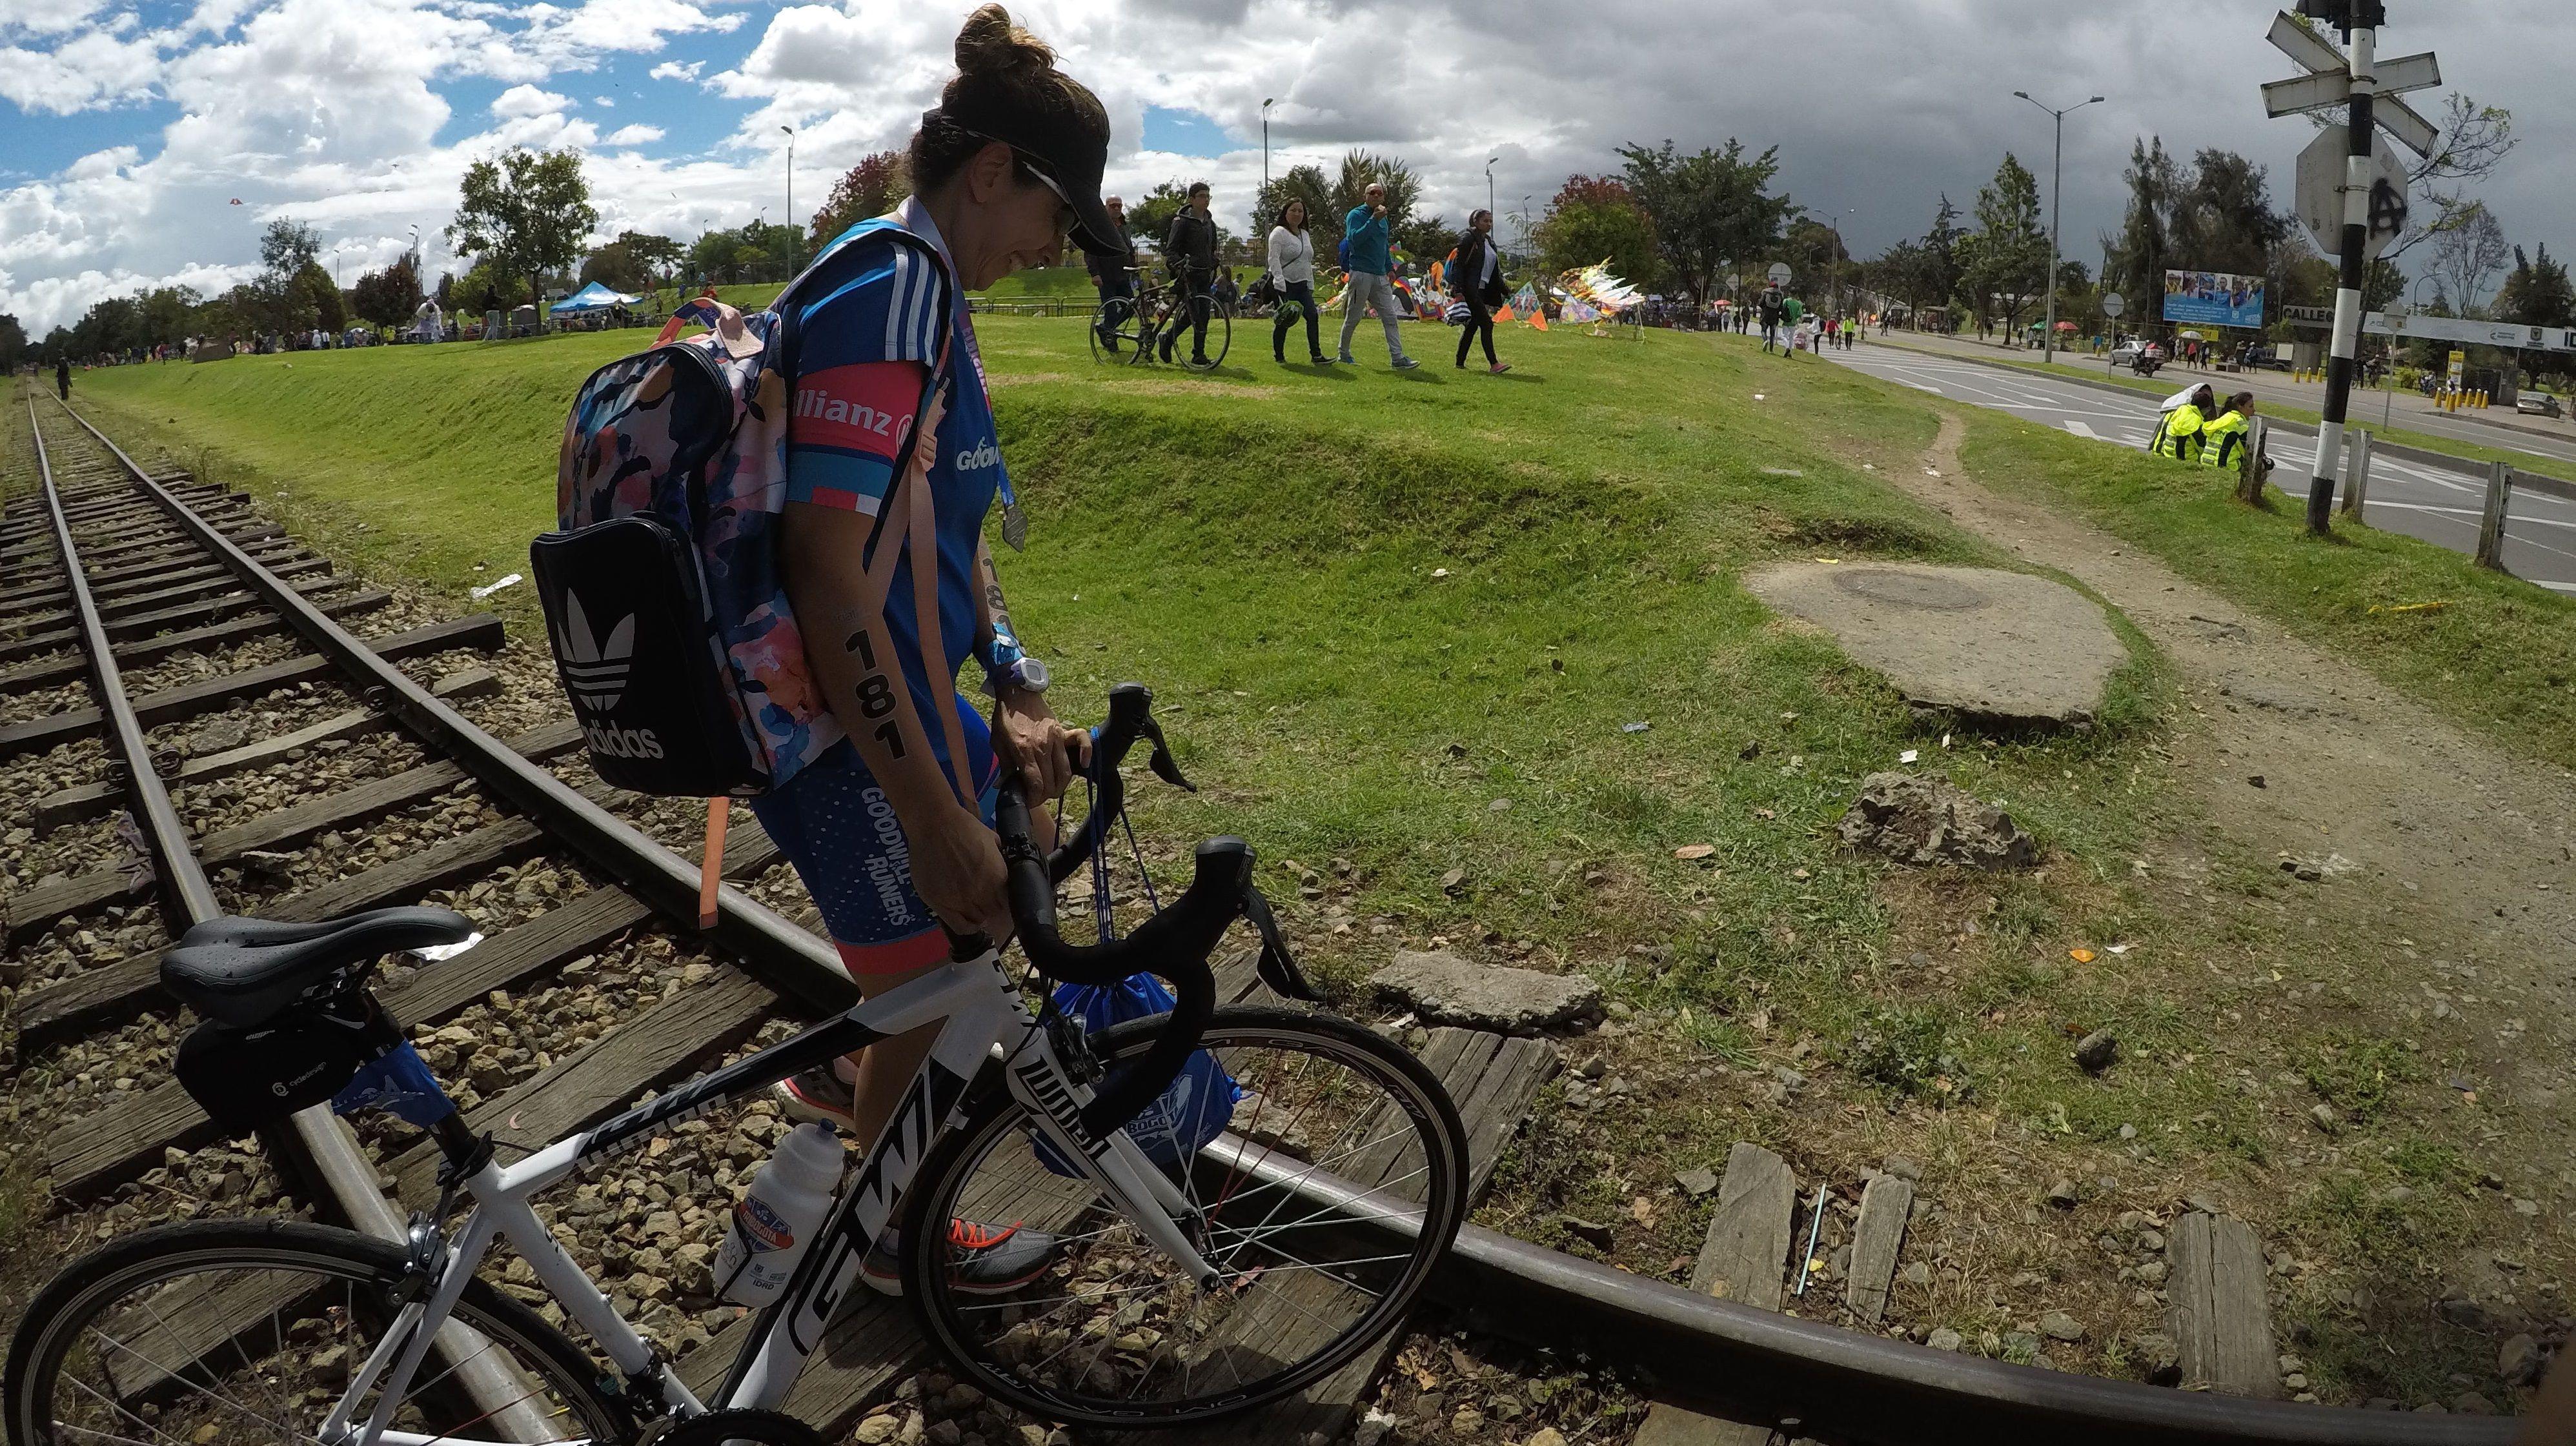 La única meta es la vida. Mujer ciclista camina al lado de su bicicleta cruzando por la carrilera del tren en un día soleado.